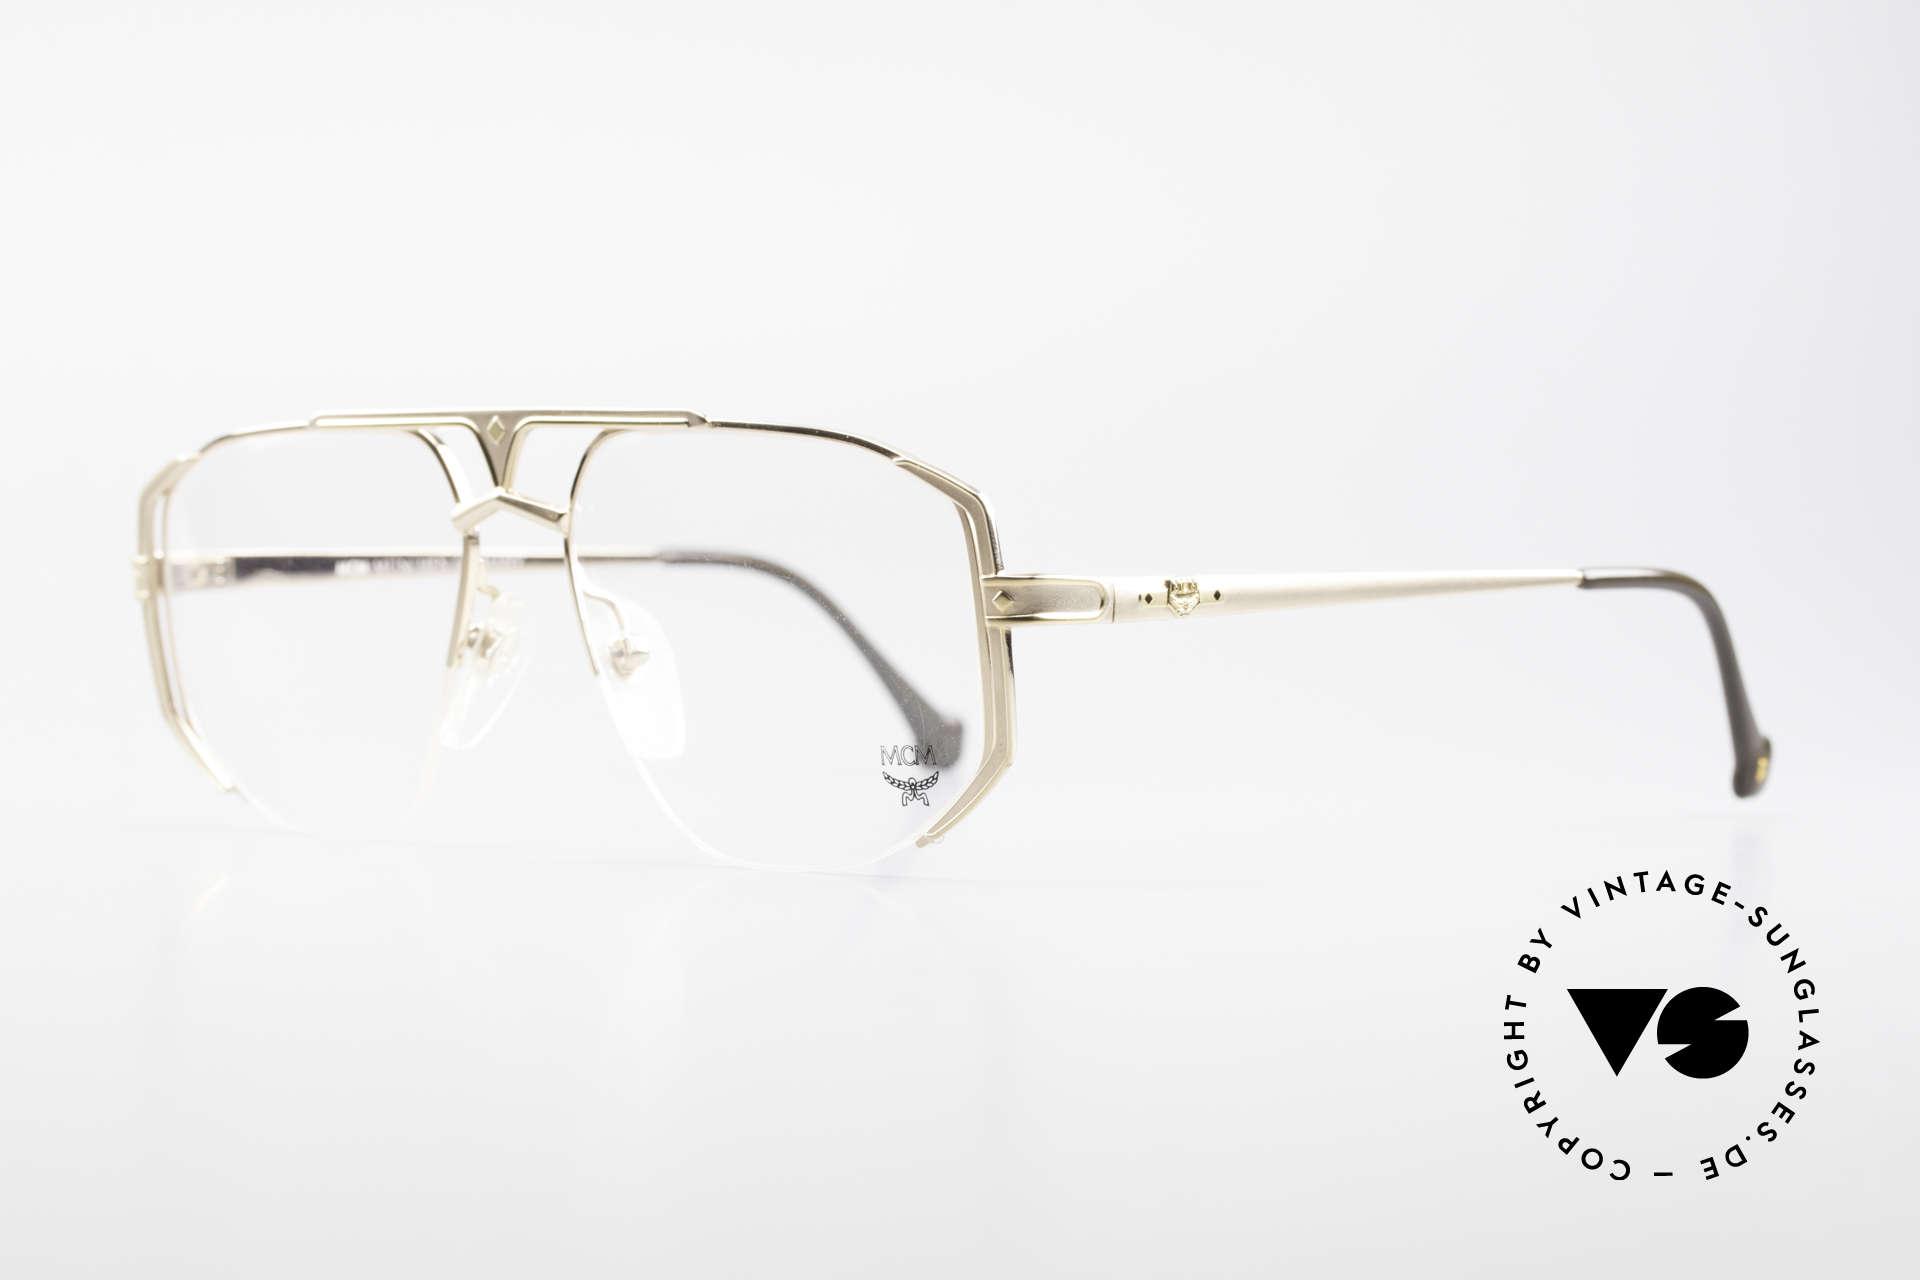 MCM München 5 Rare Titanium Fassung Large, Luxusbrille + Etui von Michael Cromer, München, Passend für Herren